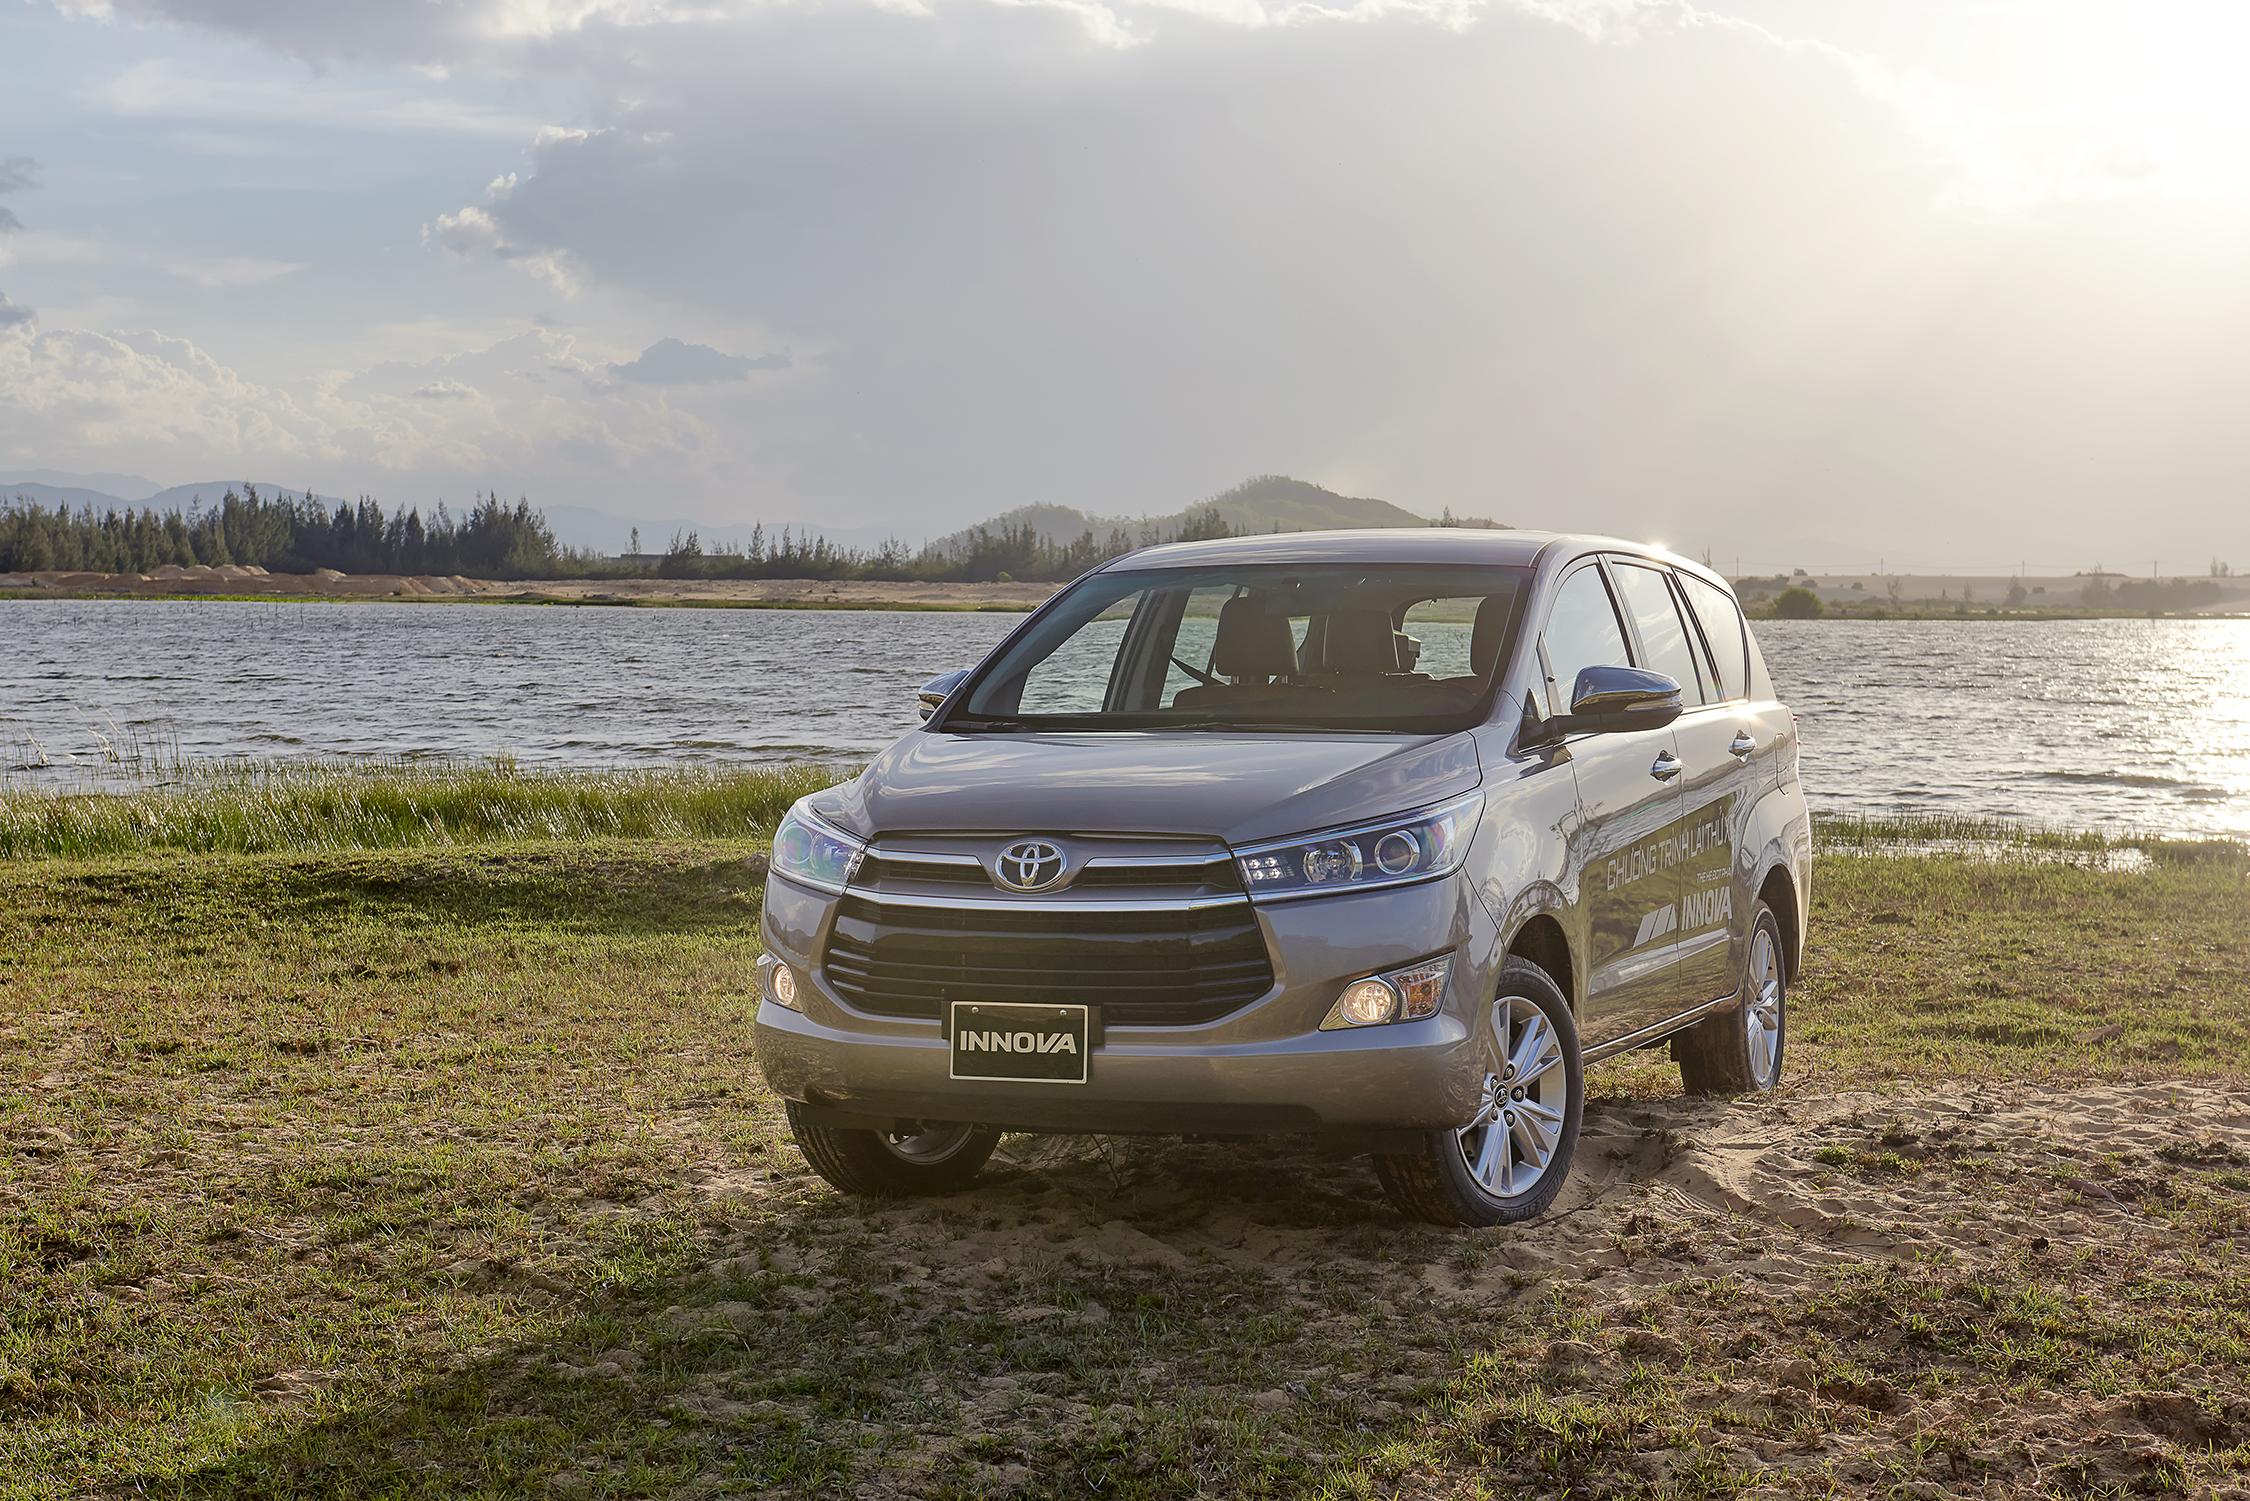 Các mẫu ô tô giảm giá 'hấp dẫn' đến hết tháng 8